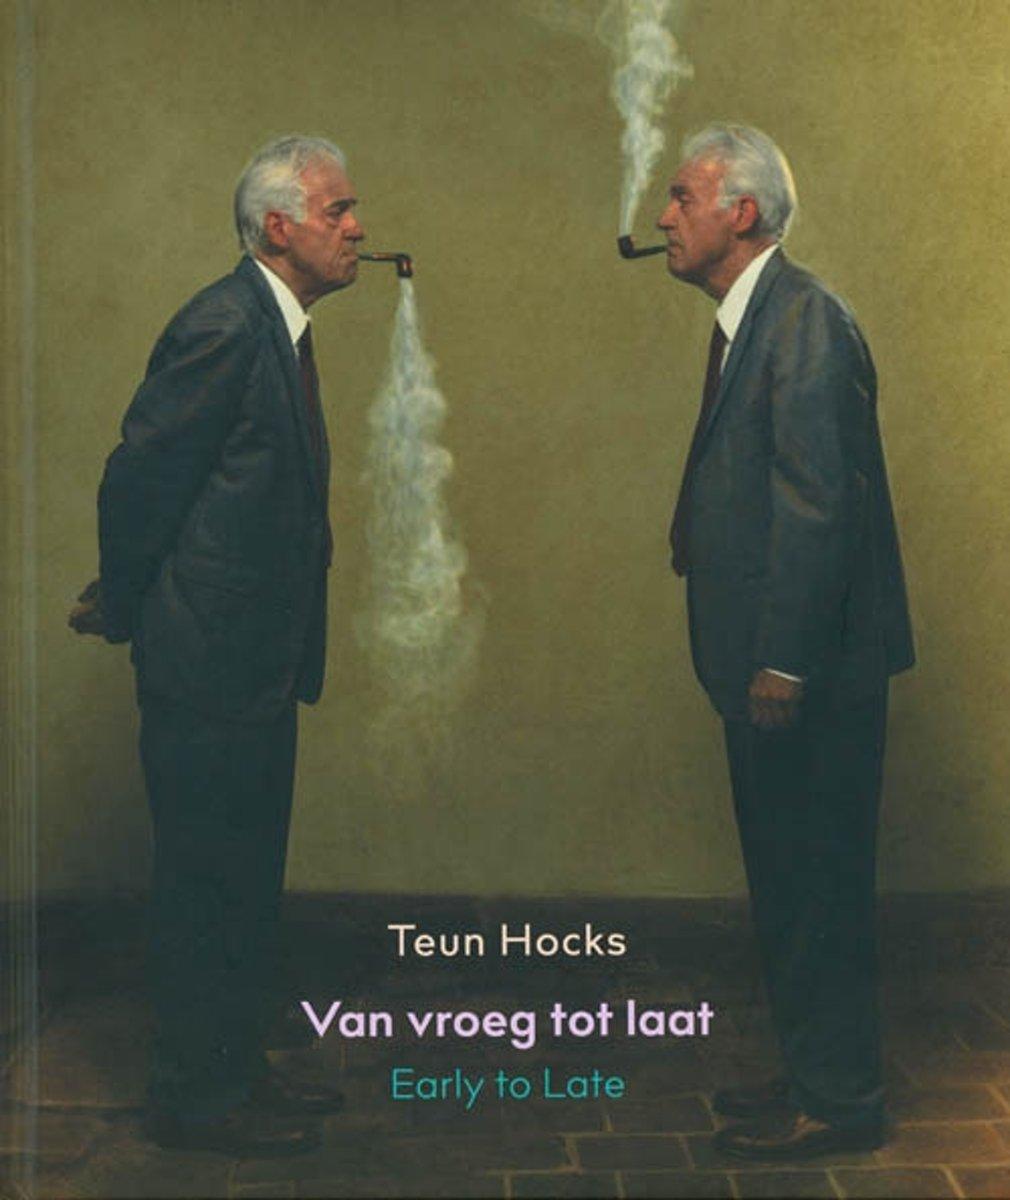 Teun Hocks: Van Vroeg tot Laat / Early to Late